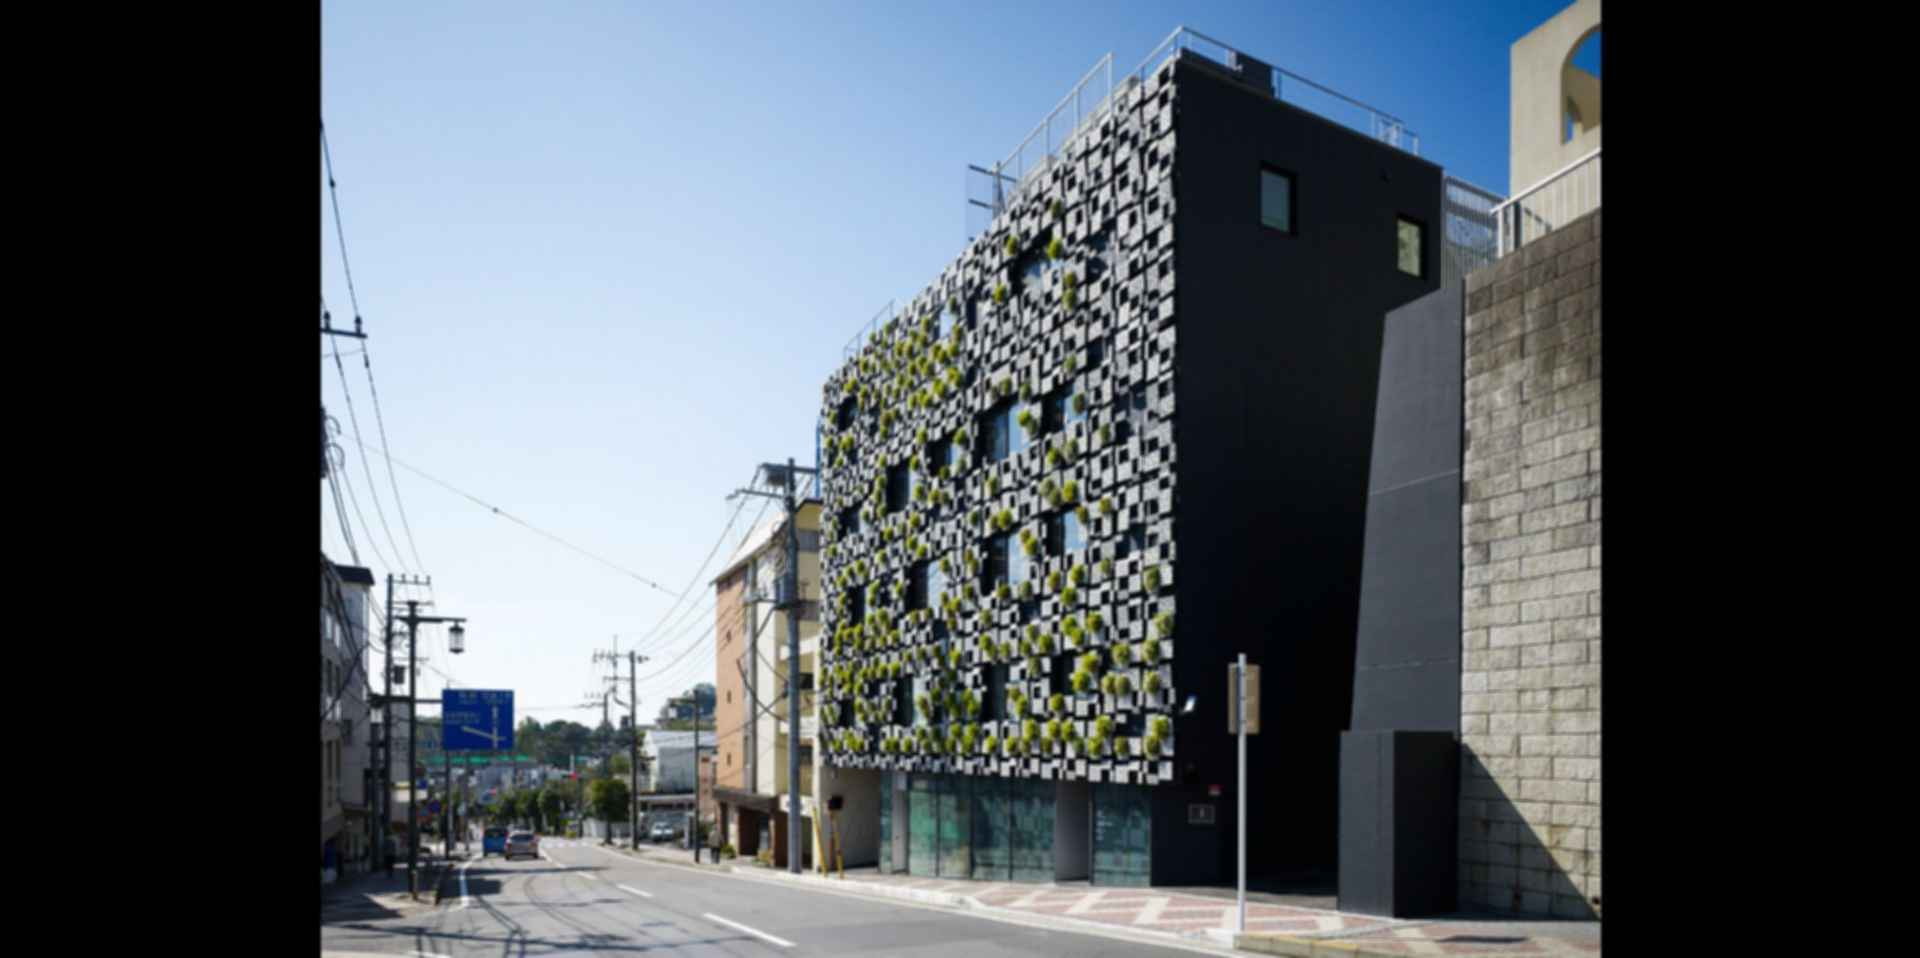 Green Cast - Exterior/Street View